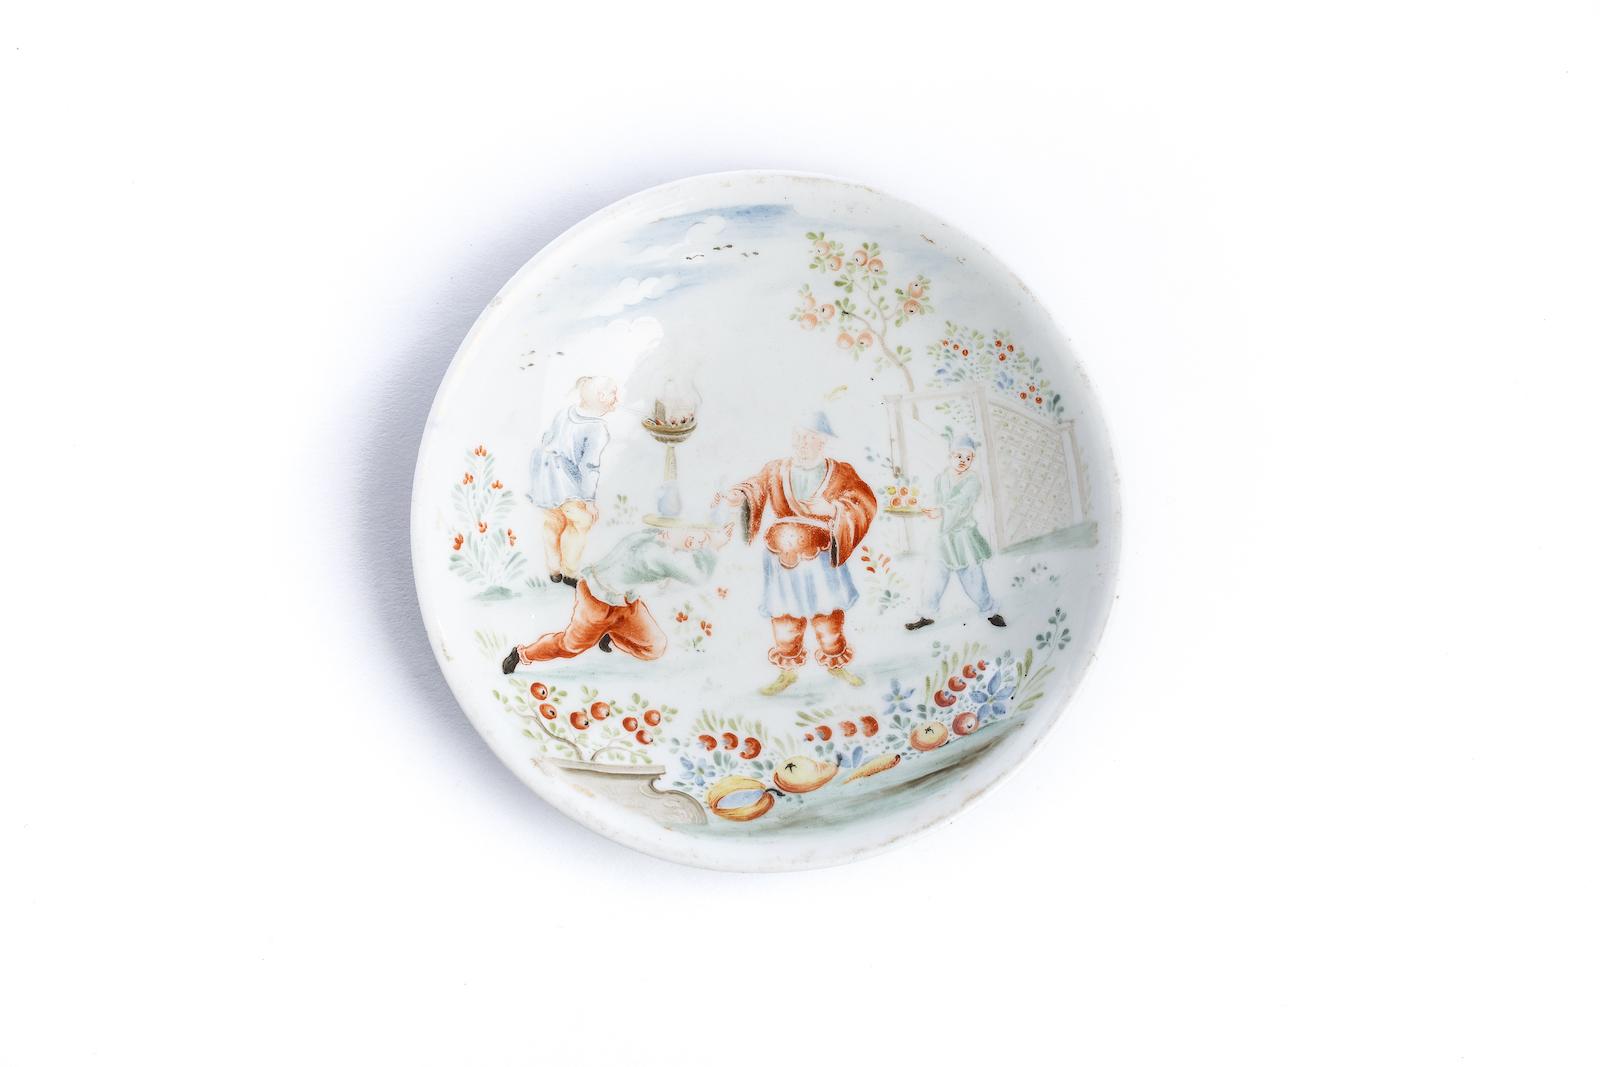 #20 Kleiner Bildteller, Meissen 1730/40 | Small picture plate, Meissen 1730/40 Image